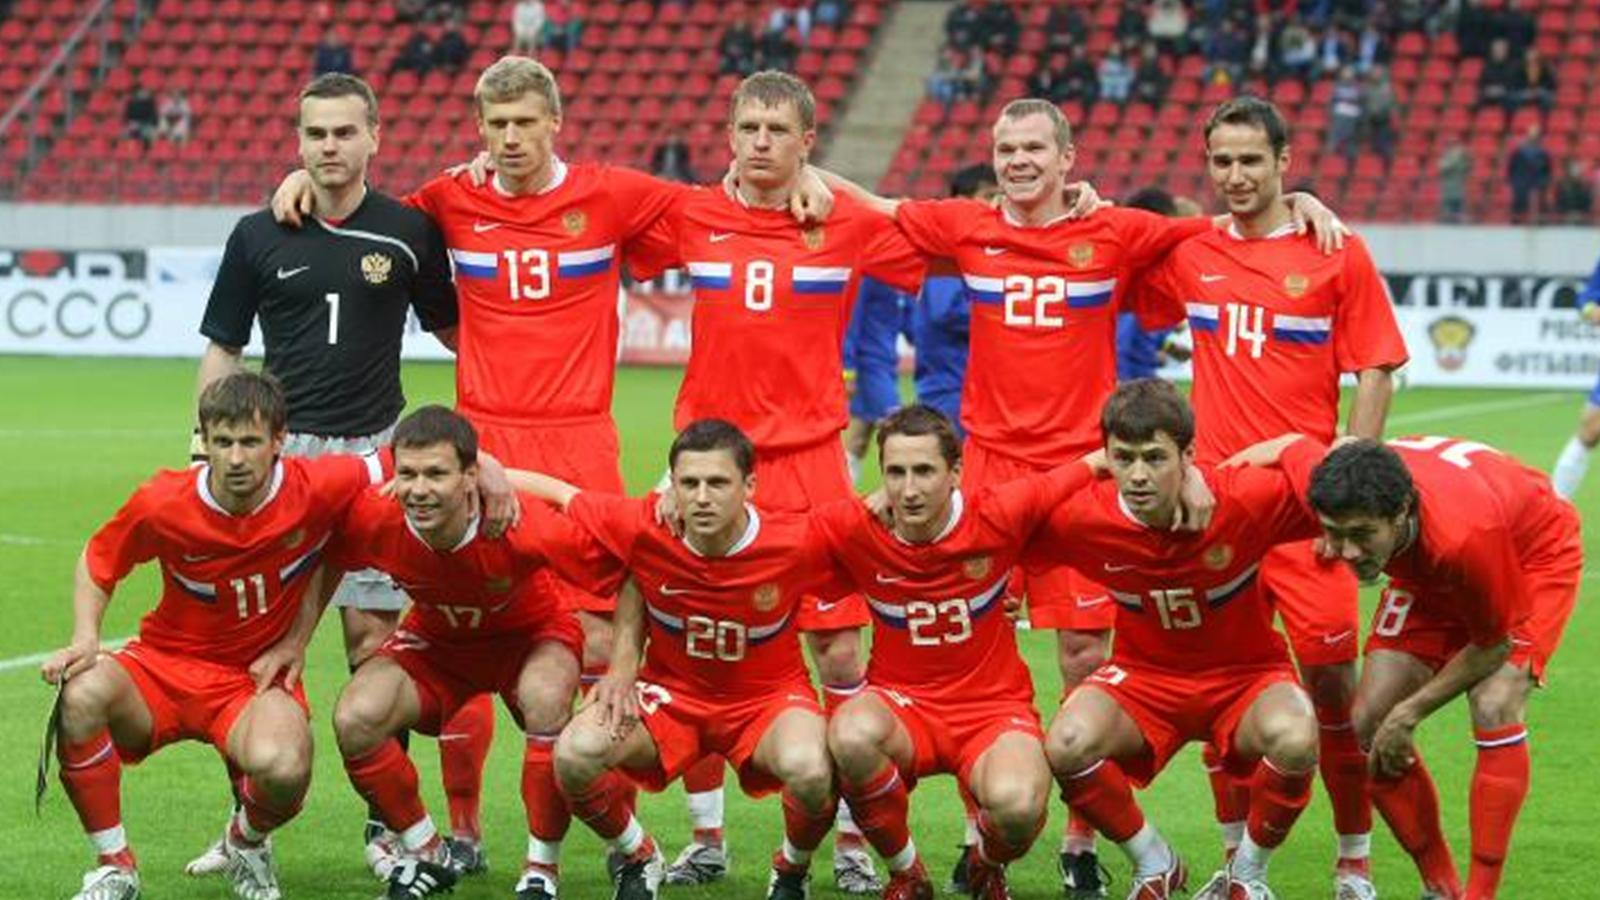 евро 2008 сборная россии фото